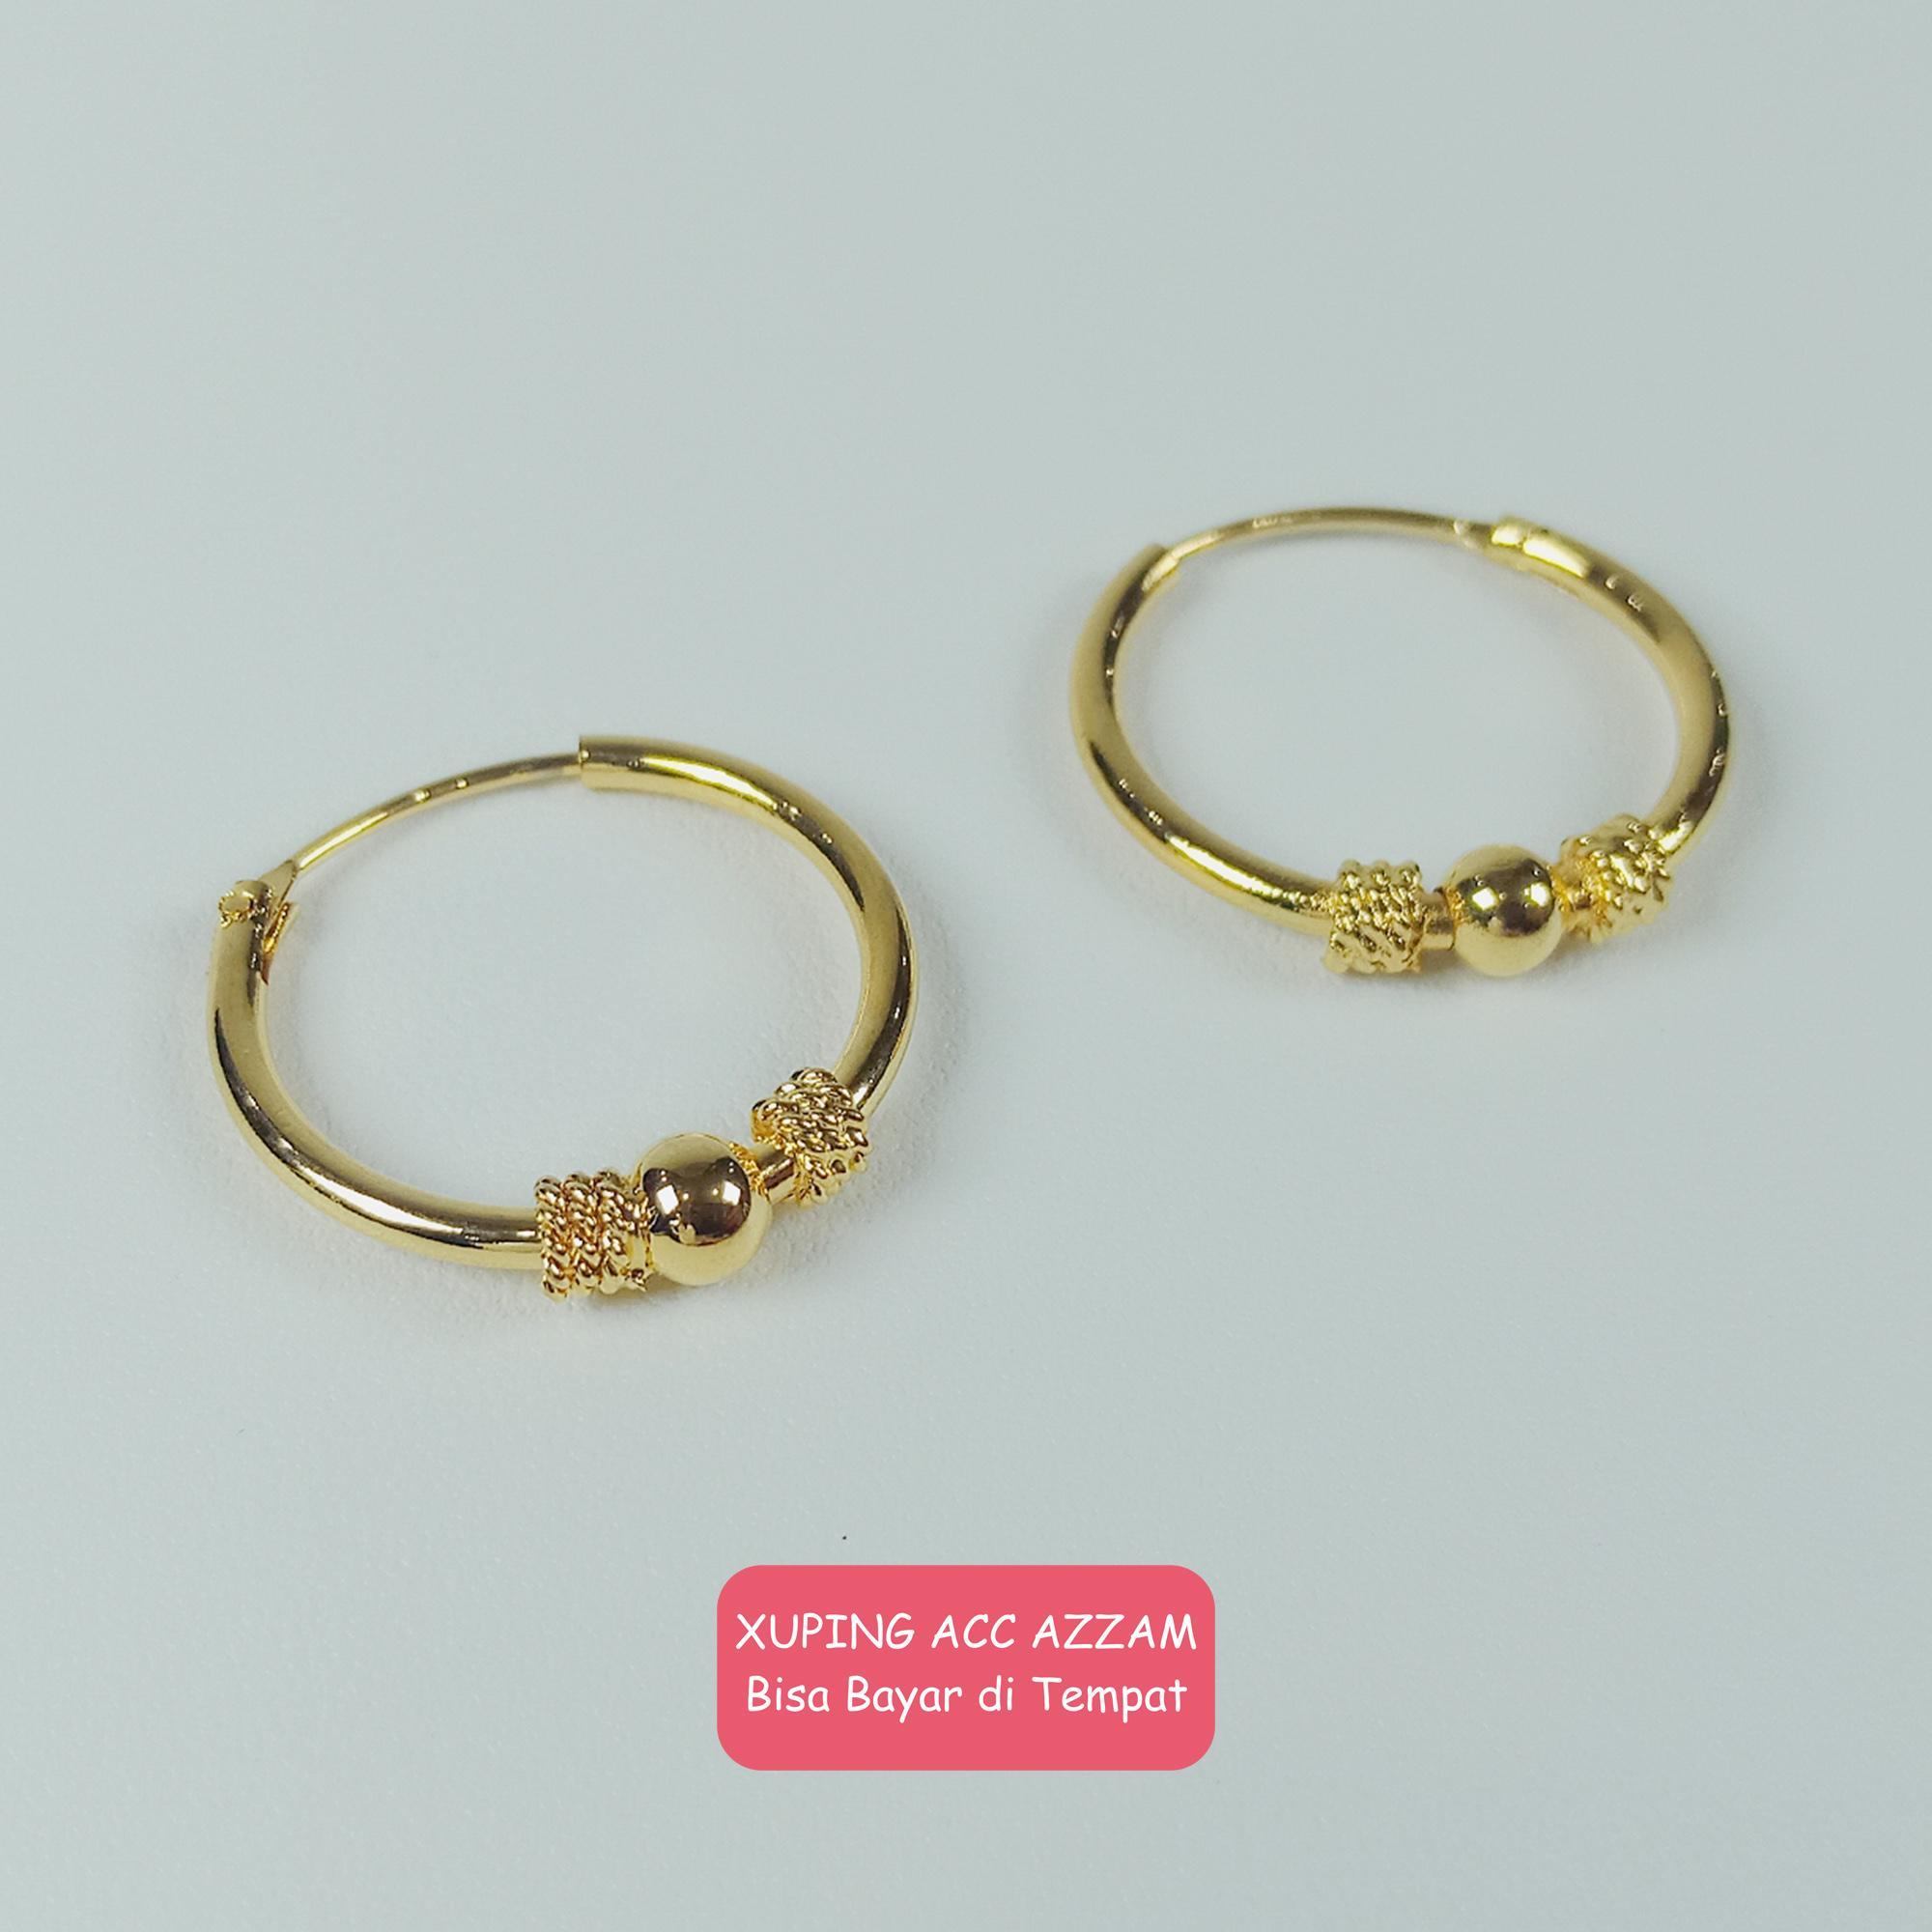 azzam anting xuping anting cantik anting love anting emas anting gold kait stud fashion wanita 33 perhiasan pengganti emas